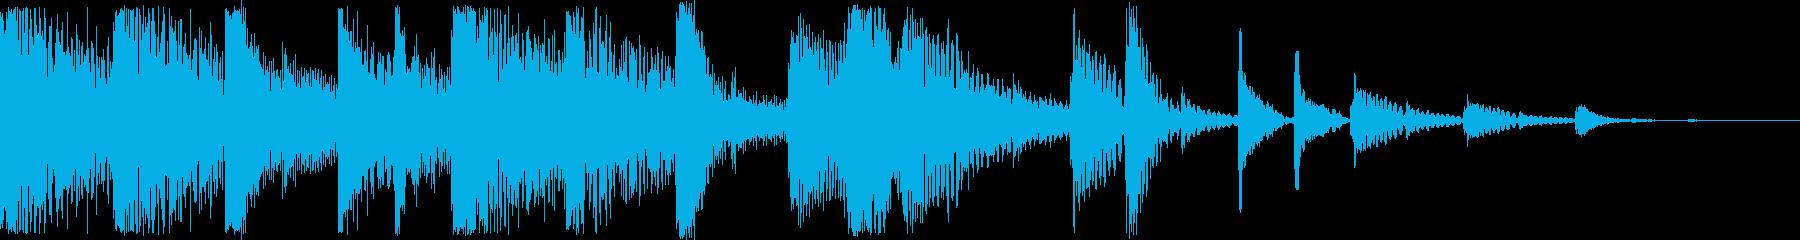 シンセとハイハットによるジングルの再生済みの波形